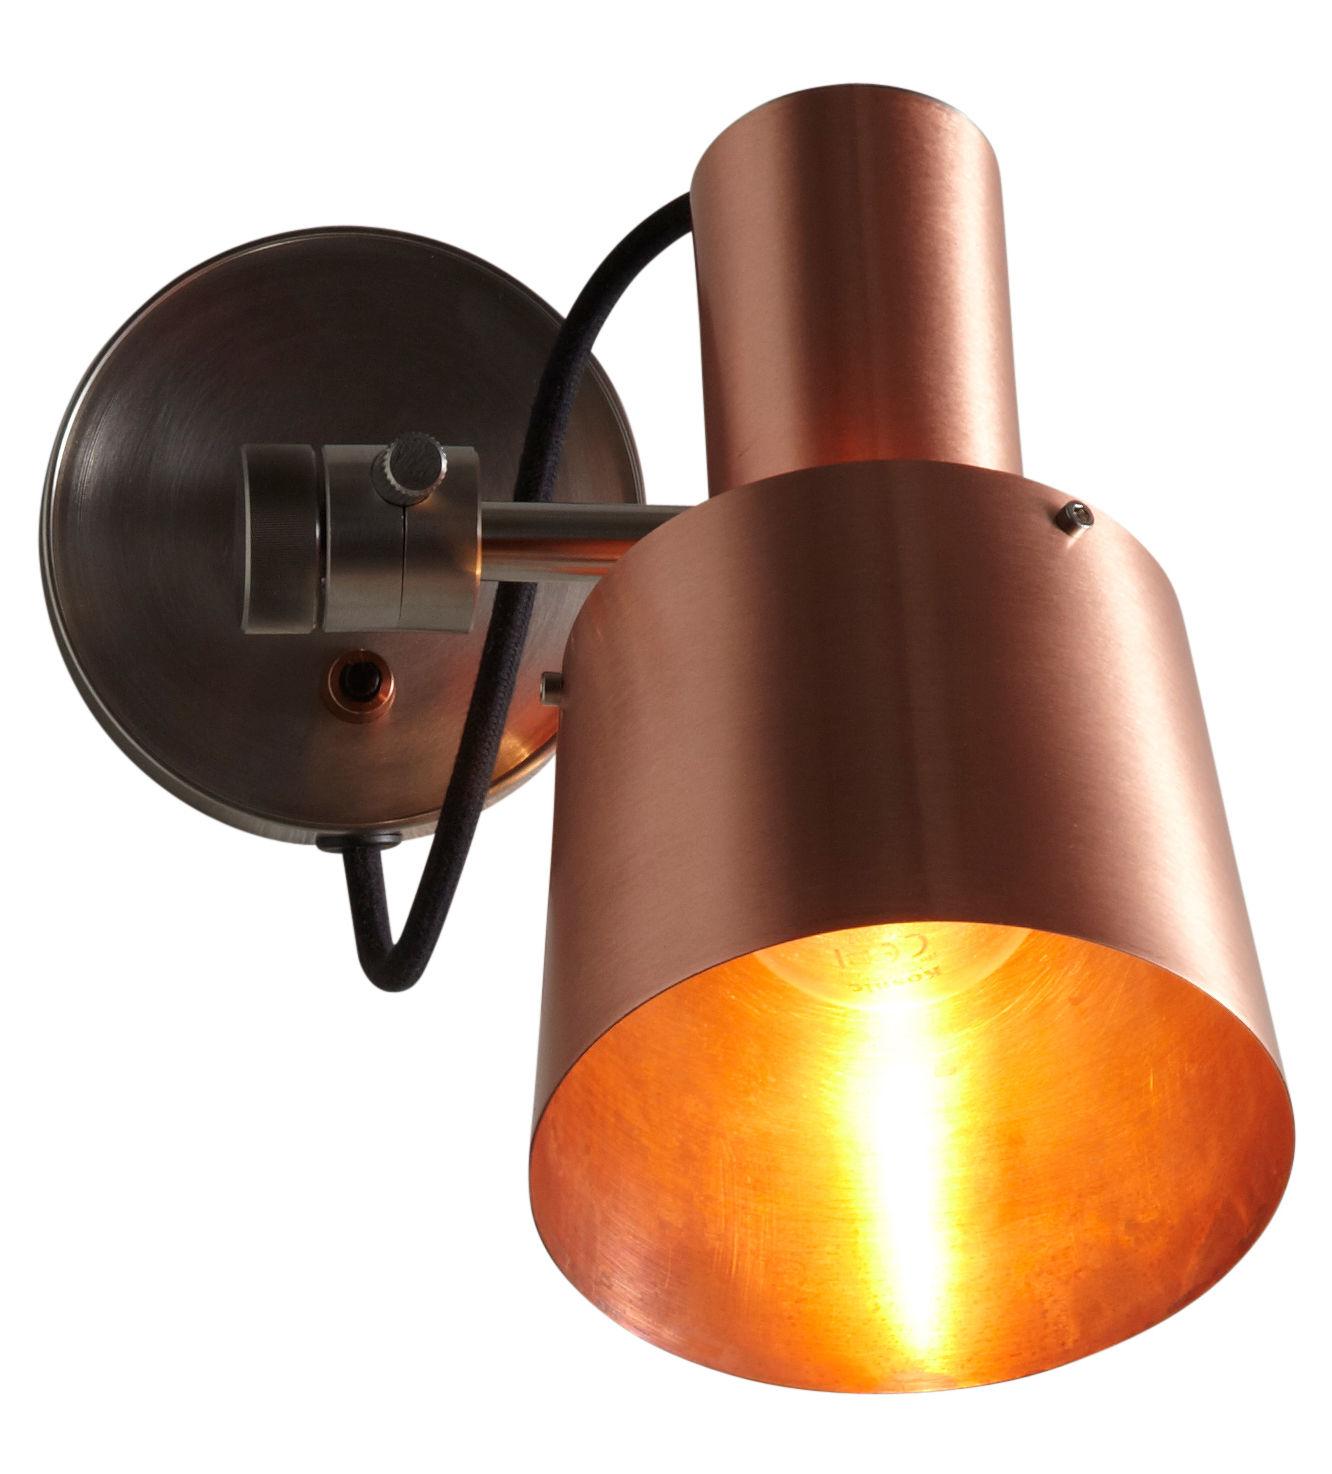 Illuminazione - Lampade da parete - Applique Chester - / Orientabile di Original BTC - Rame satinato / Supporto acciaio - Acciaio inossidabile, Rame satinato